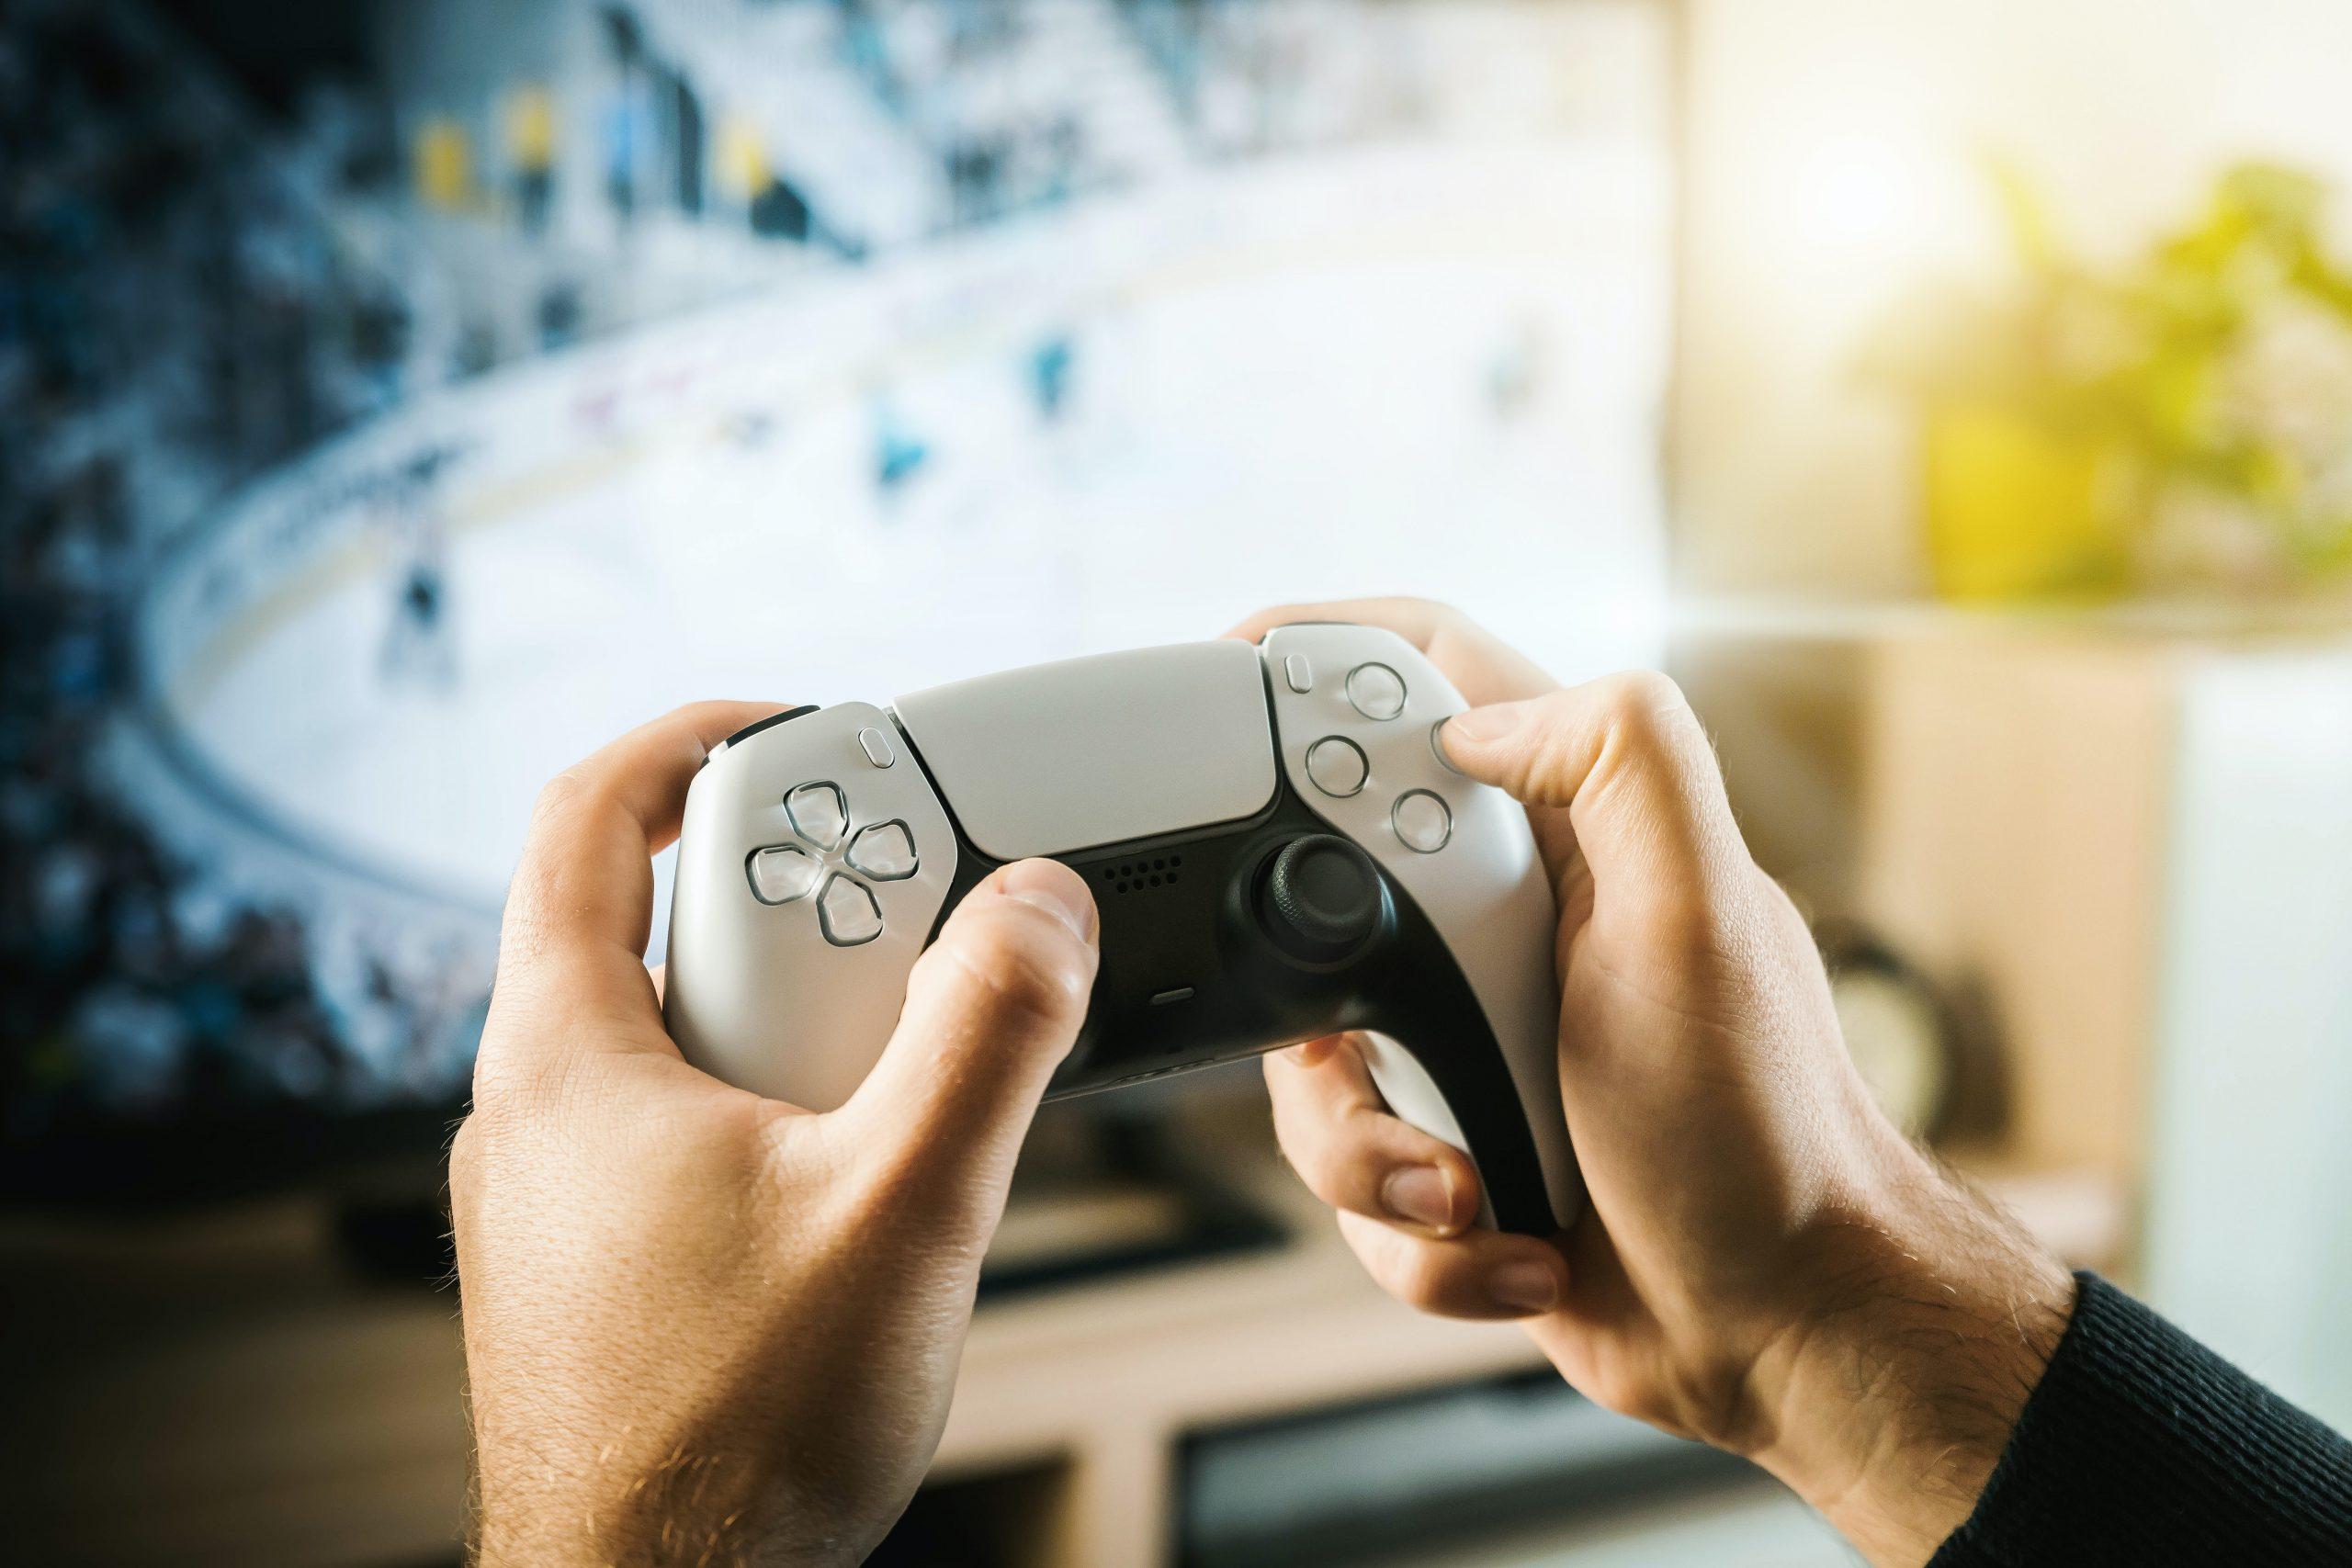 Imagen de manos sosteniendo un mando de Playstation 5